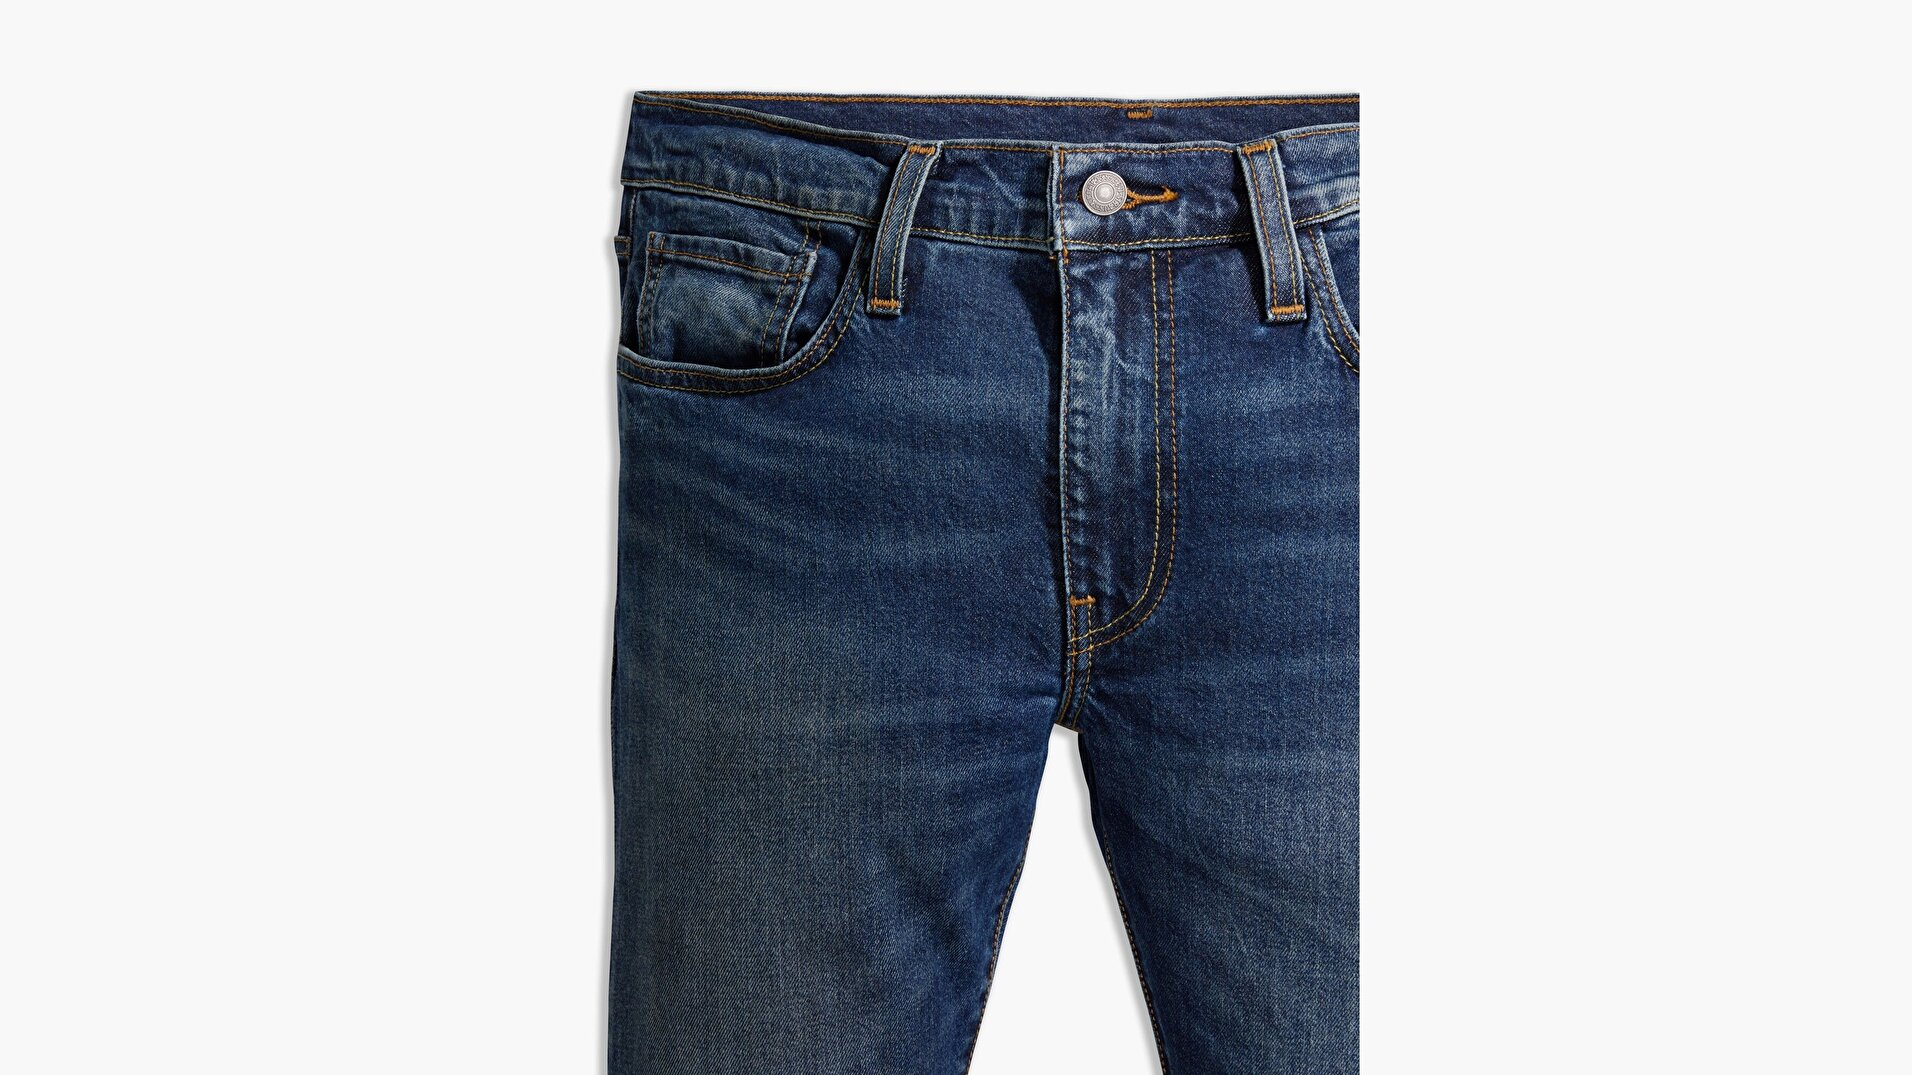 511™ Slim Fit Erkek Jean Pantolon-X9986 Lse_Band Wagon Adv